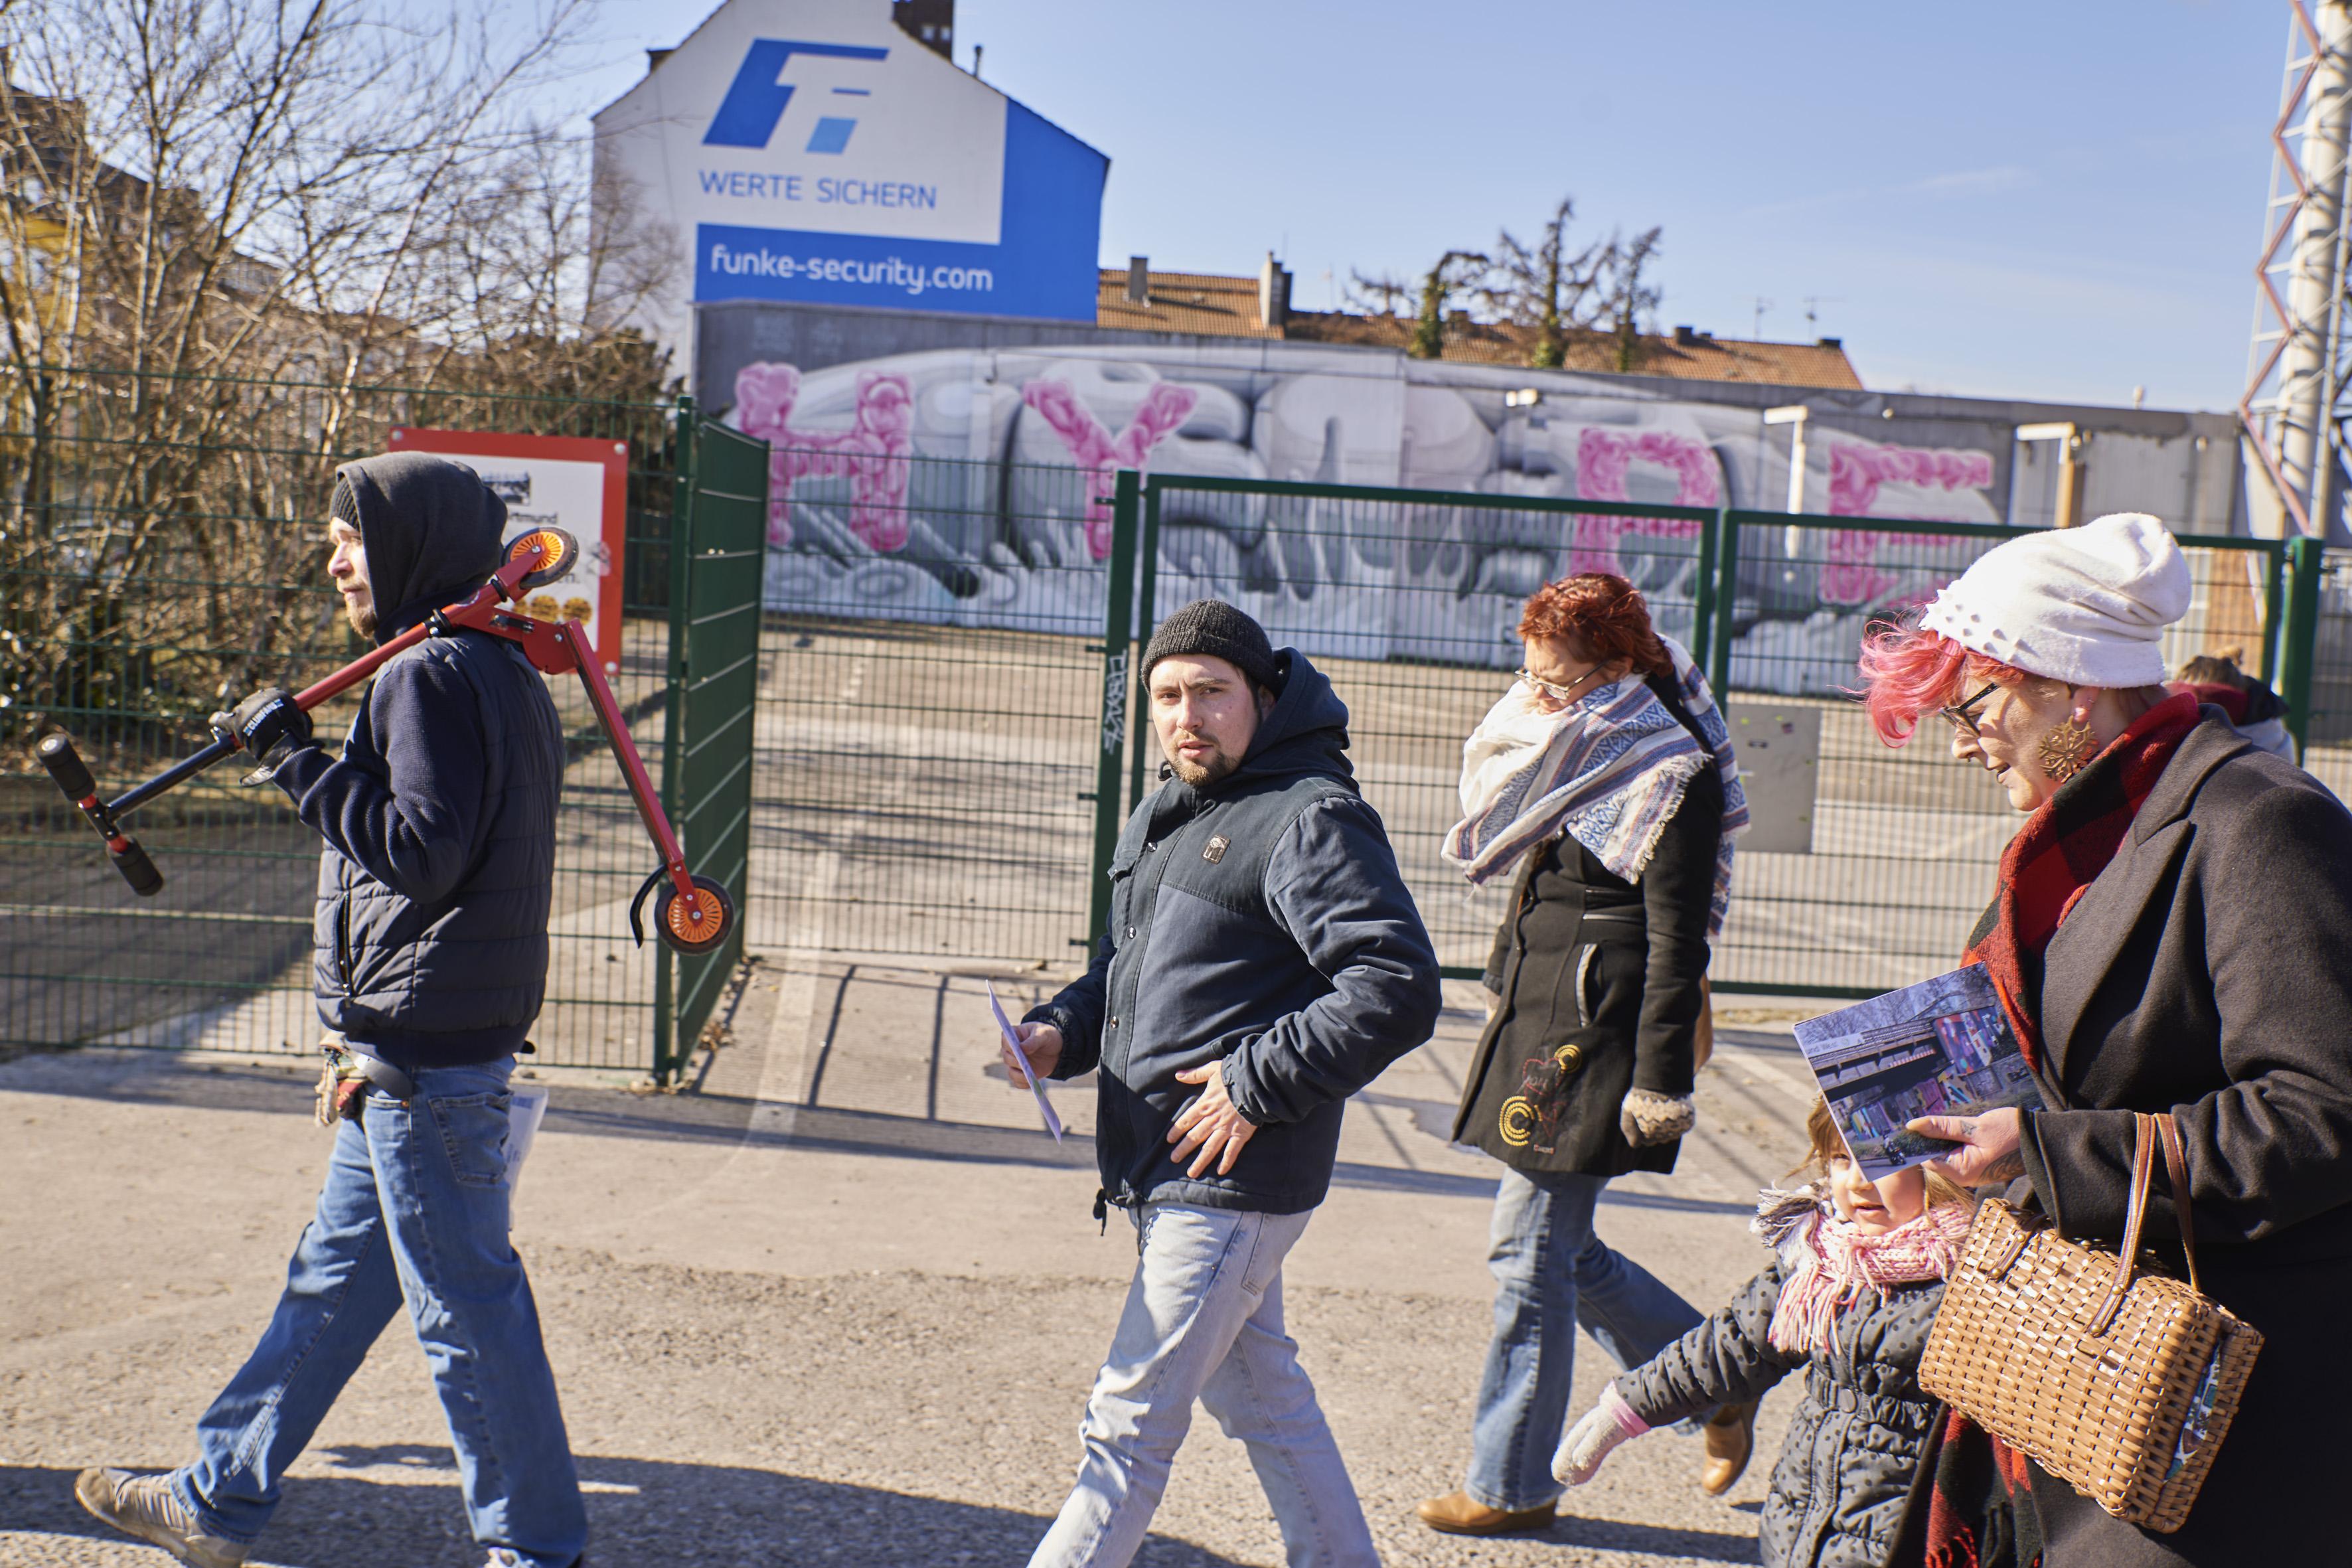 Urbane Kunst im Unionviertel - Zwischen Galerie und Illegalität